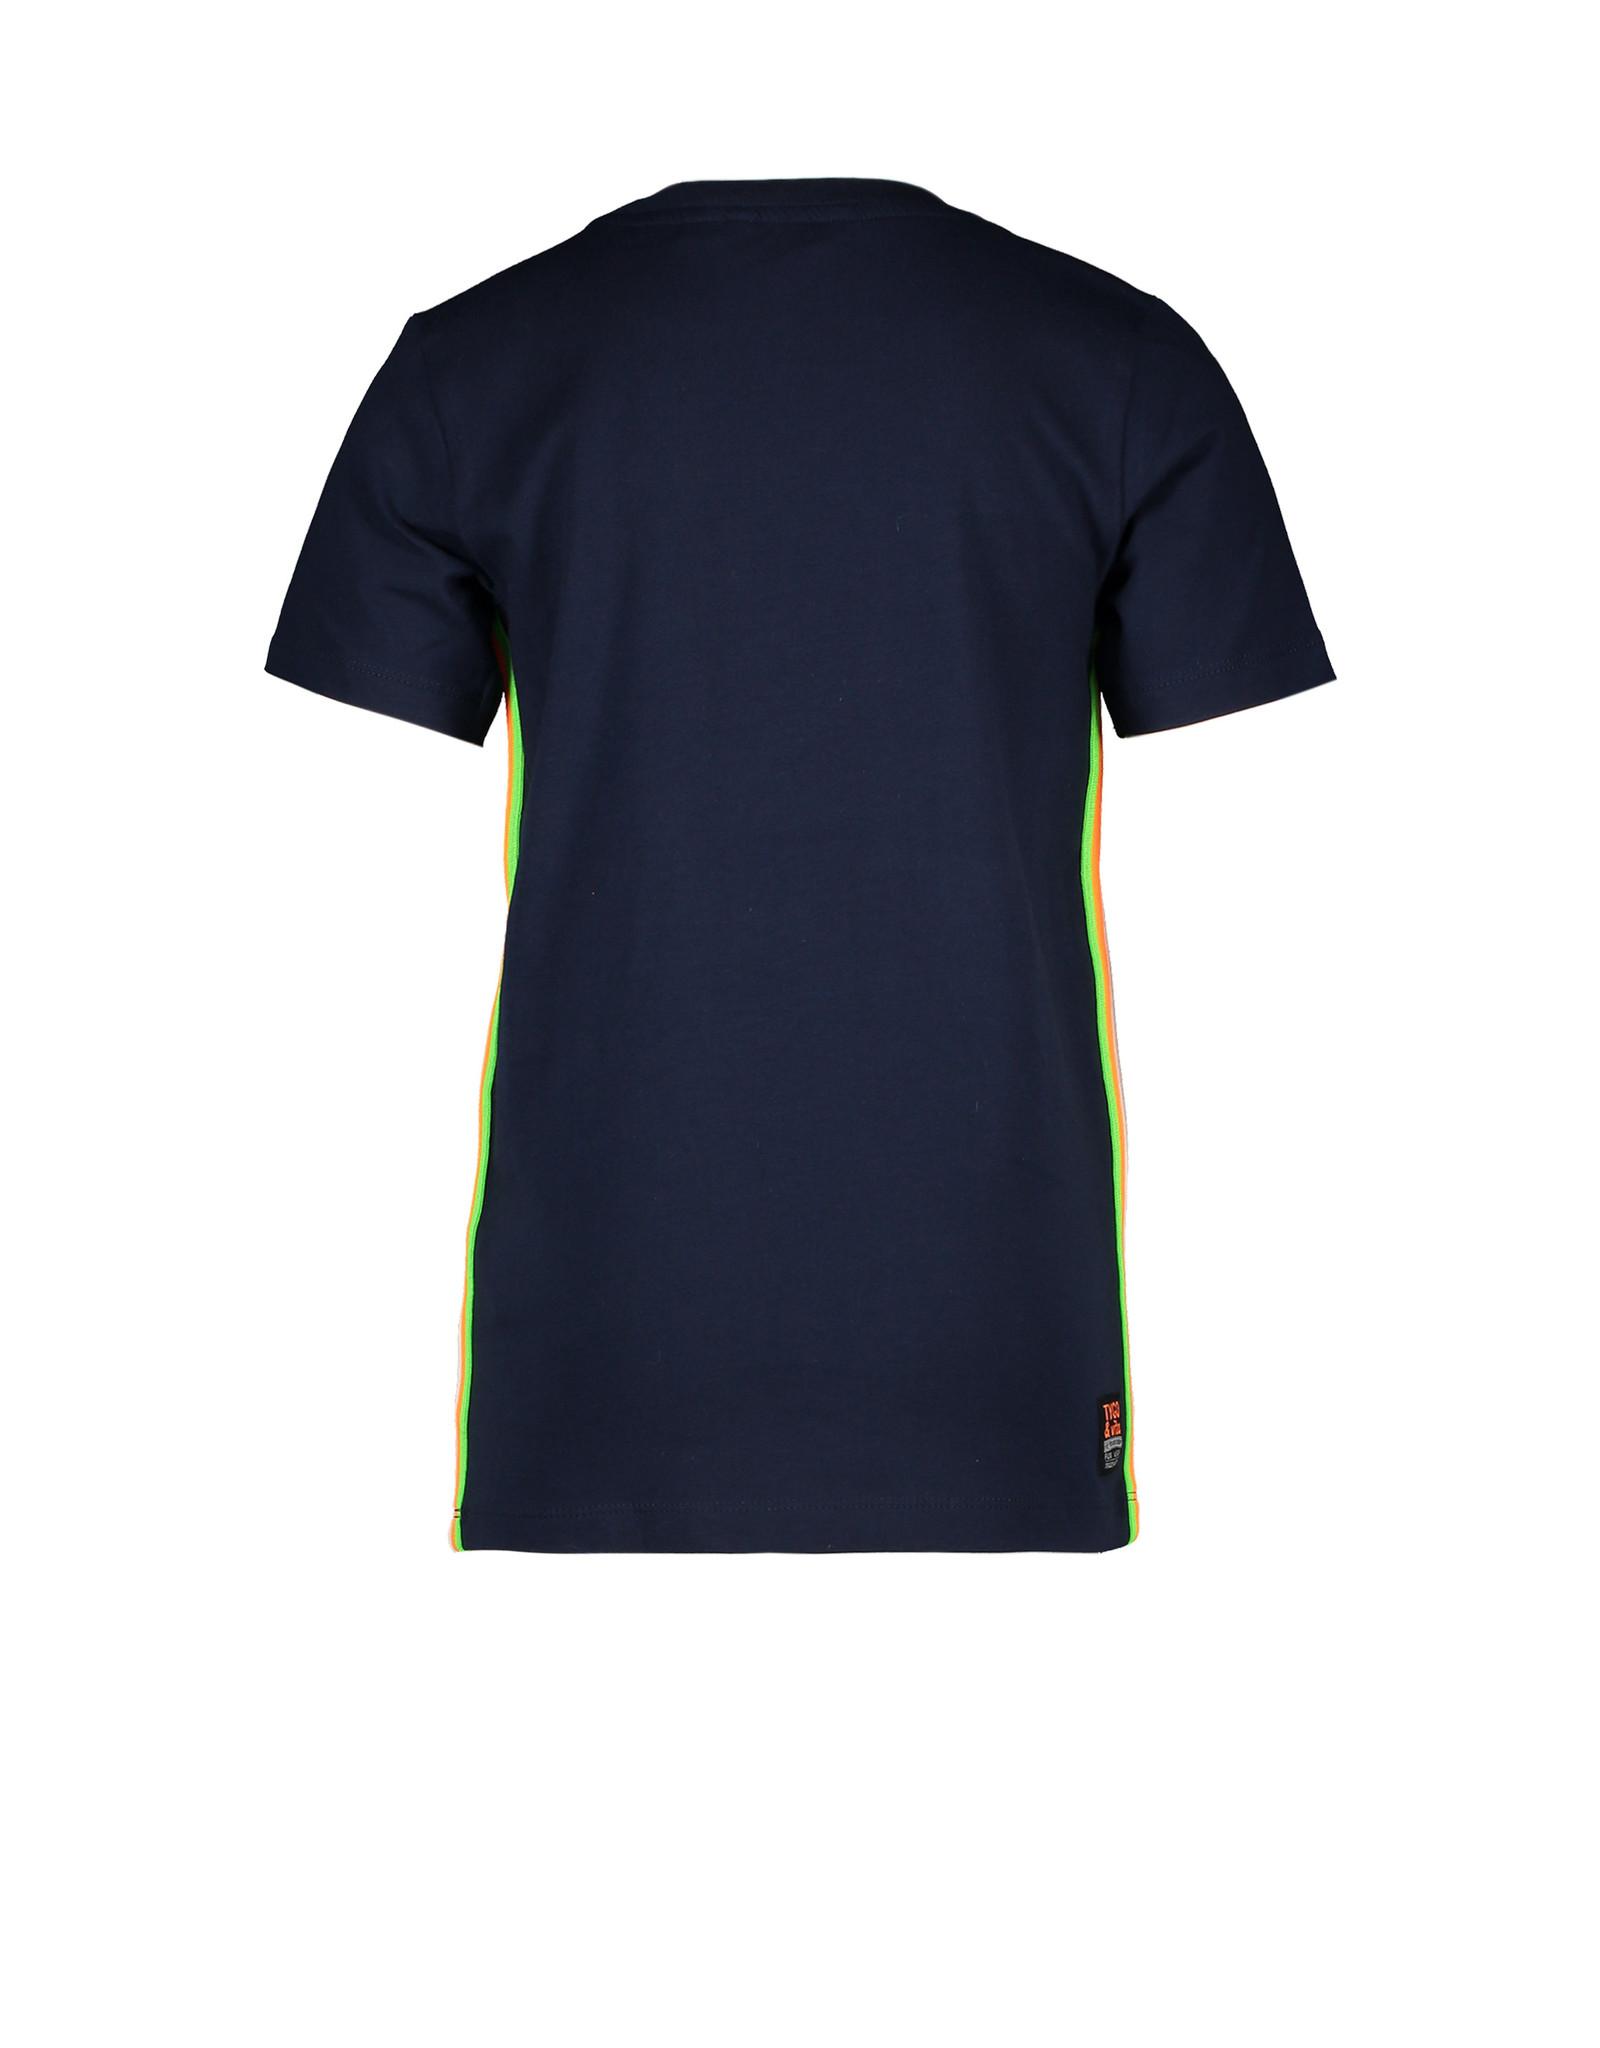 Tygo & Vito T&v T-shirt SK8